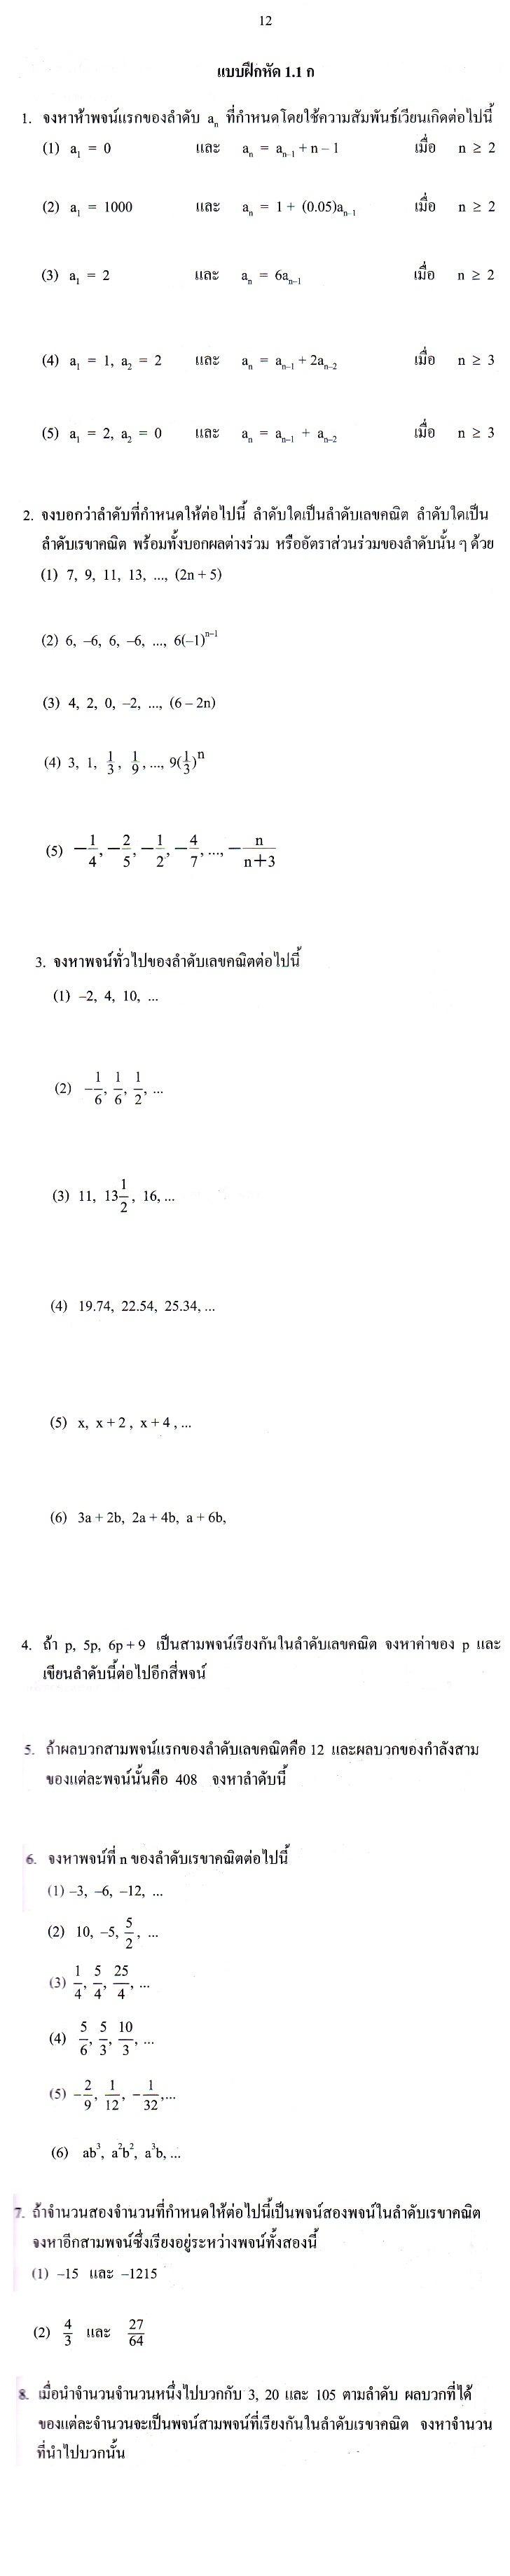 ลำดับและอนุกรม2ลำดับเลขคณิตและเรขาคณิต